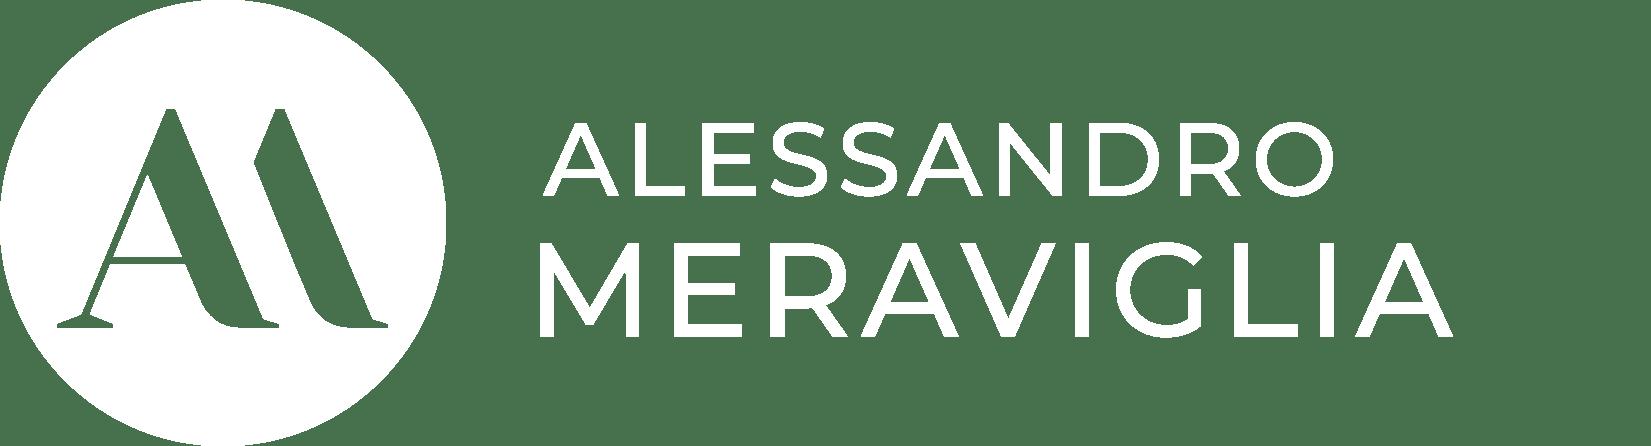 Alessandro Meraviglia